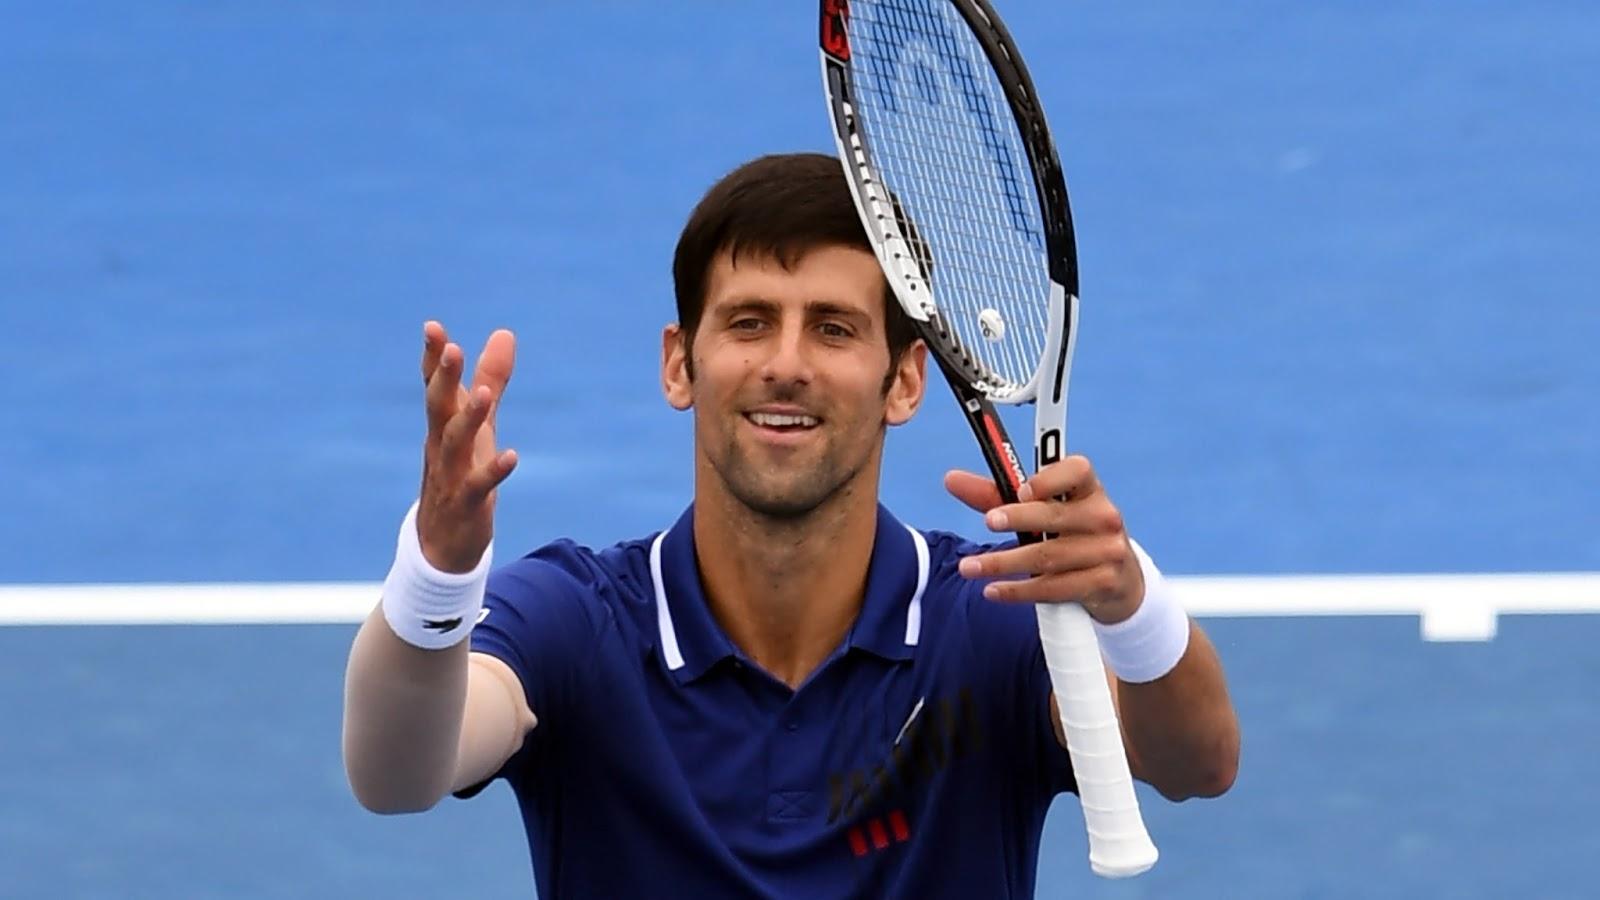 Australian-Open-Novak-Djokovic-tro-lai-mot-tuan-truoc-su-kien-tai-Melbourne